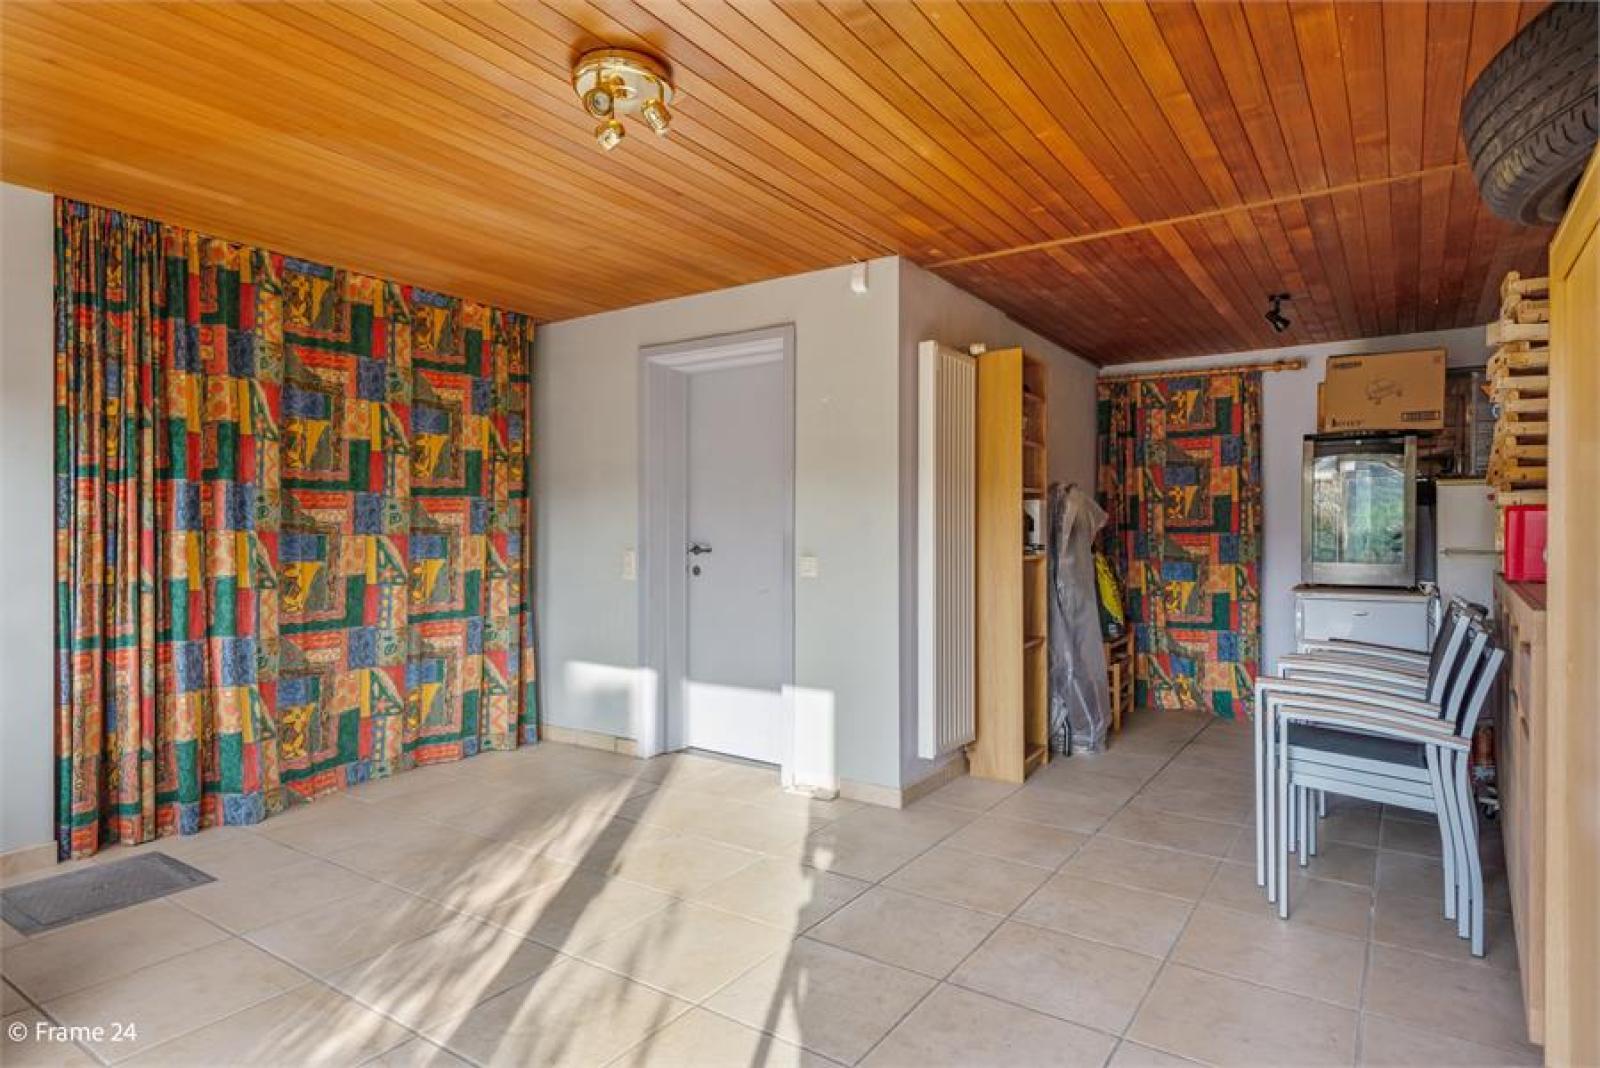 Verzorgde bel-étage met 3 slaapkamers, tuin en garage nabij centrum Wijnegem gelegen. afbeelding 20